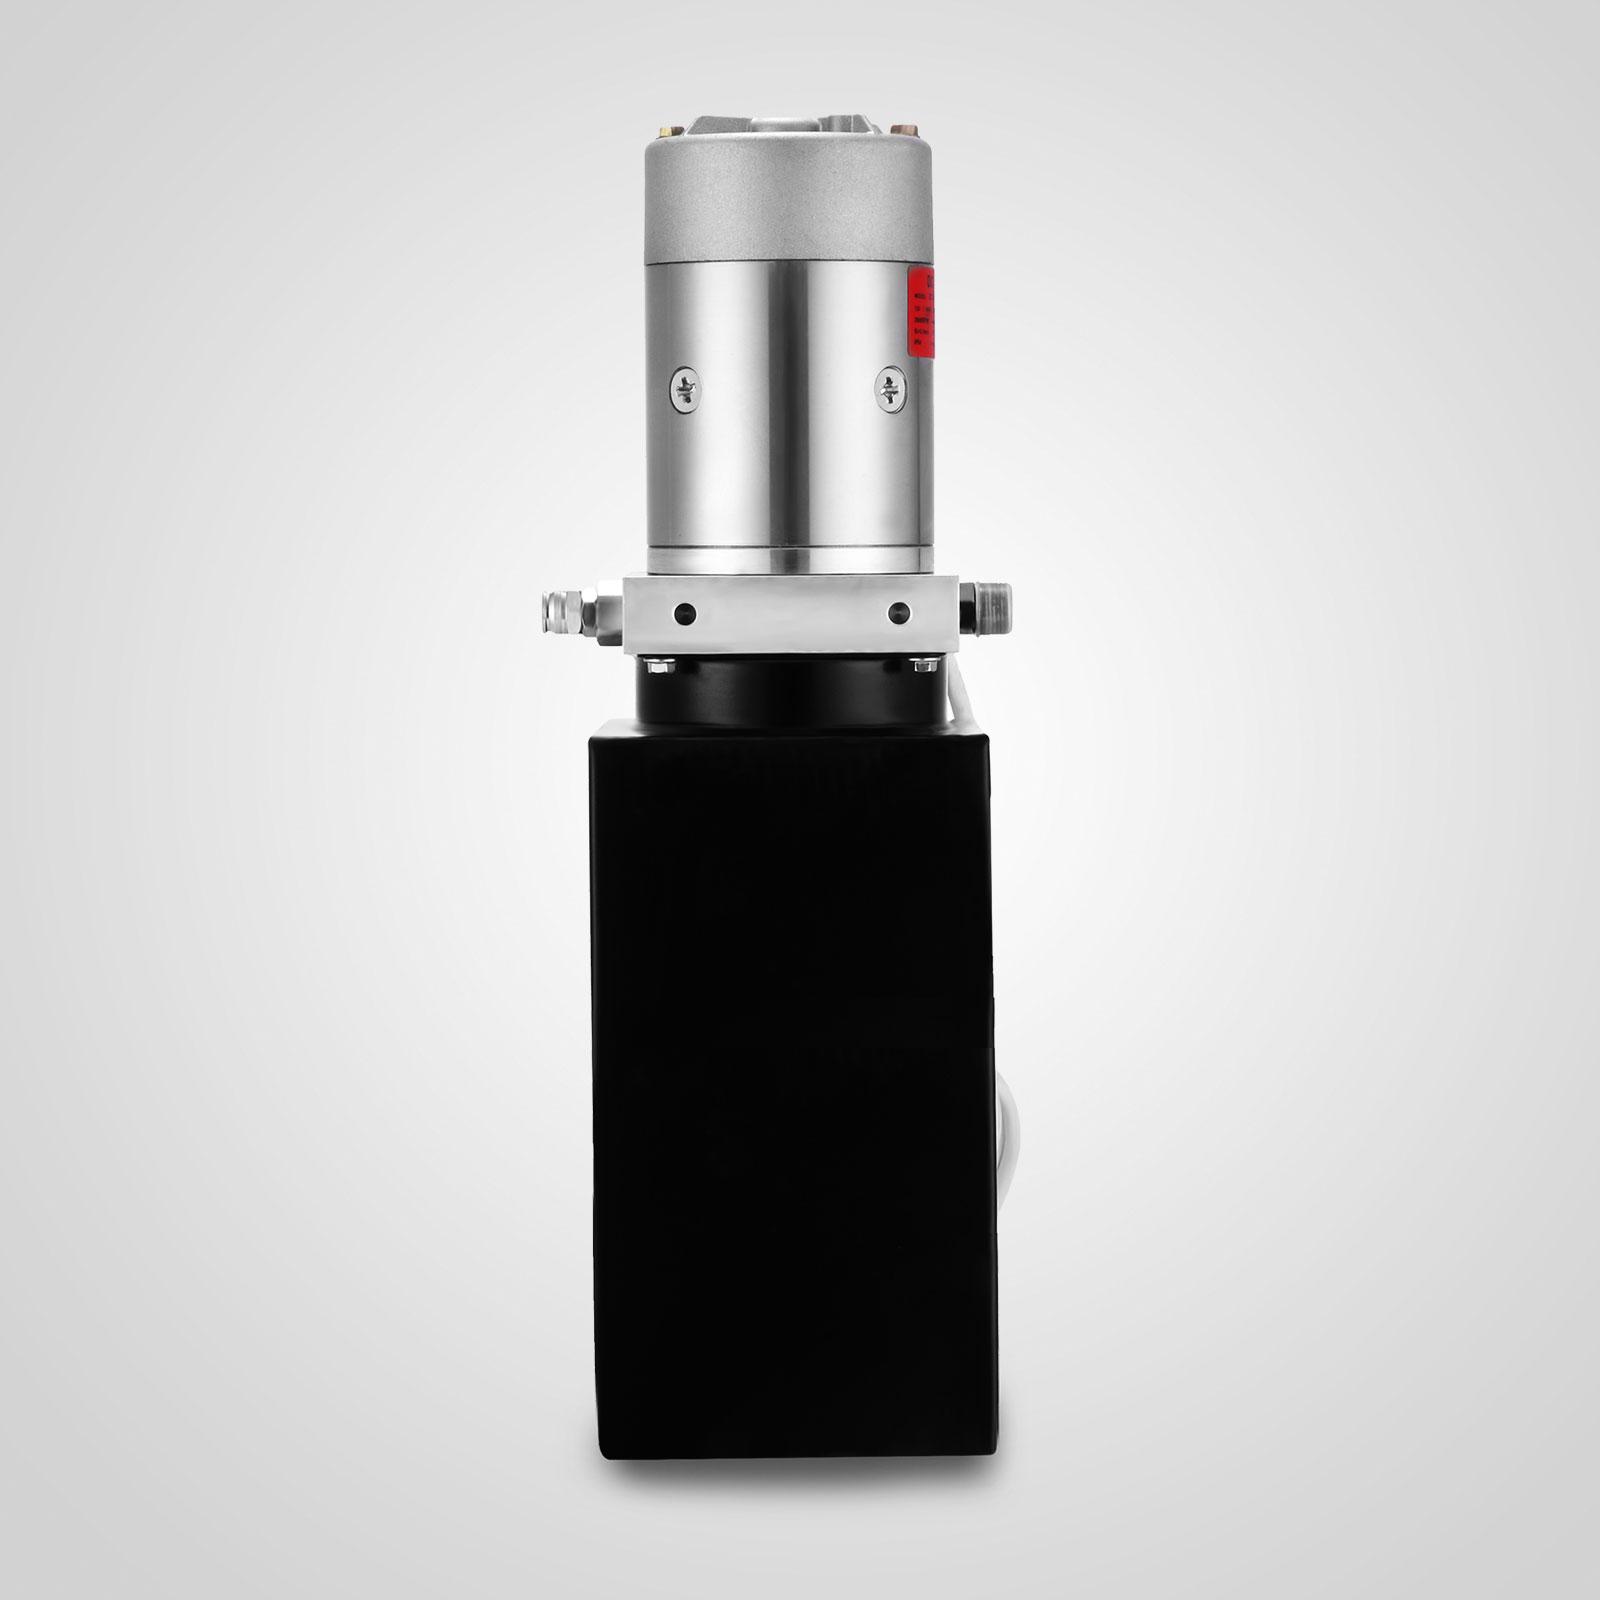 6 Quart Single Acting Hydraulic Pump Dump Trailer Remote Lifting Reservoir New Hydraulic Pump